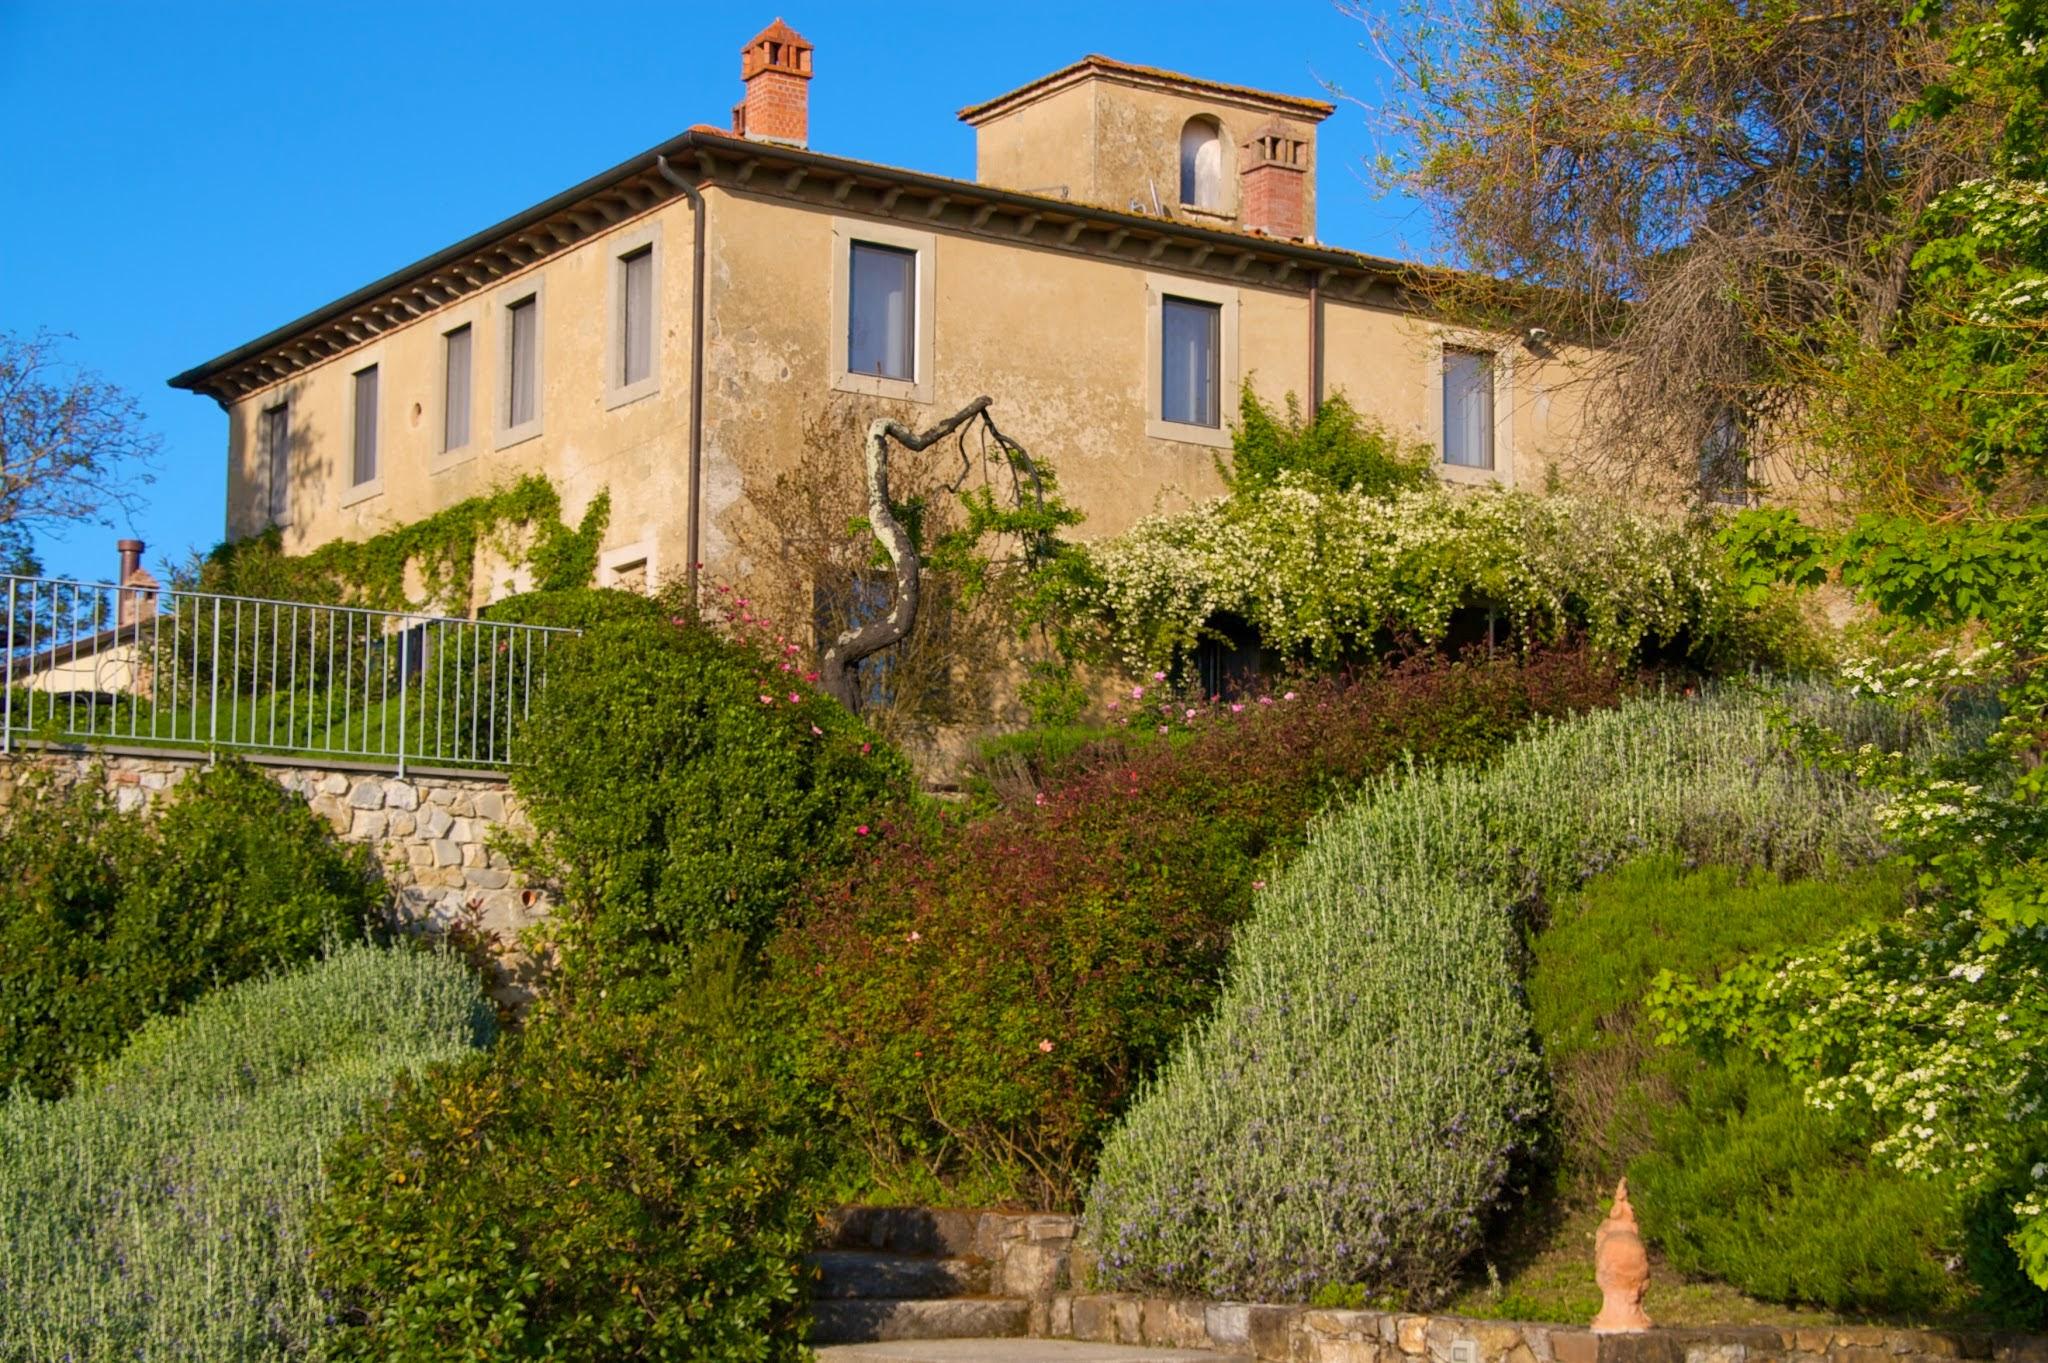 Barberino Villa.jpg